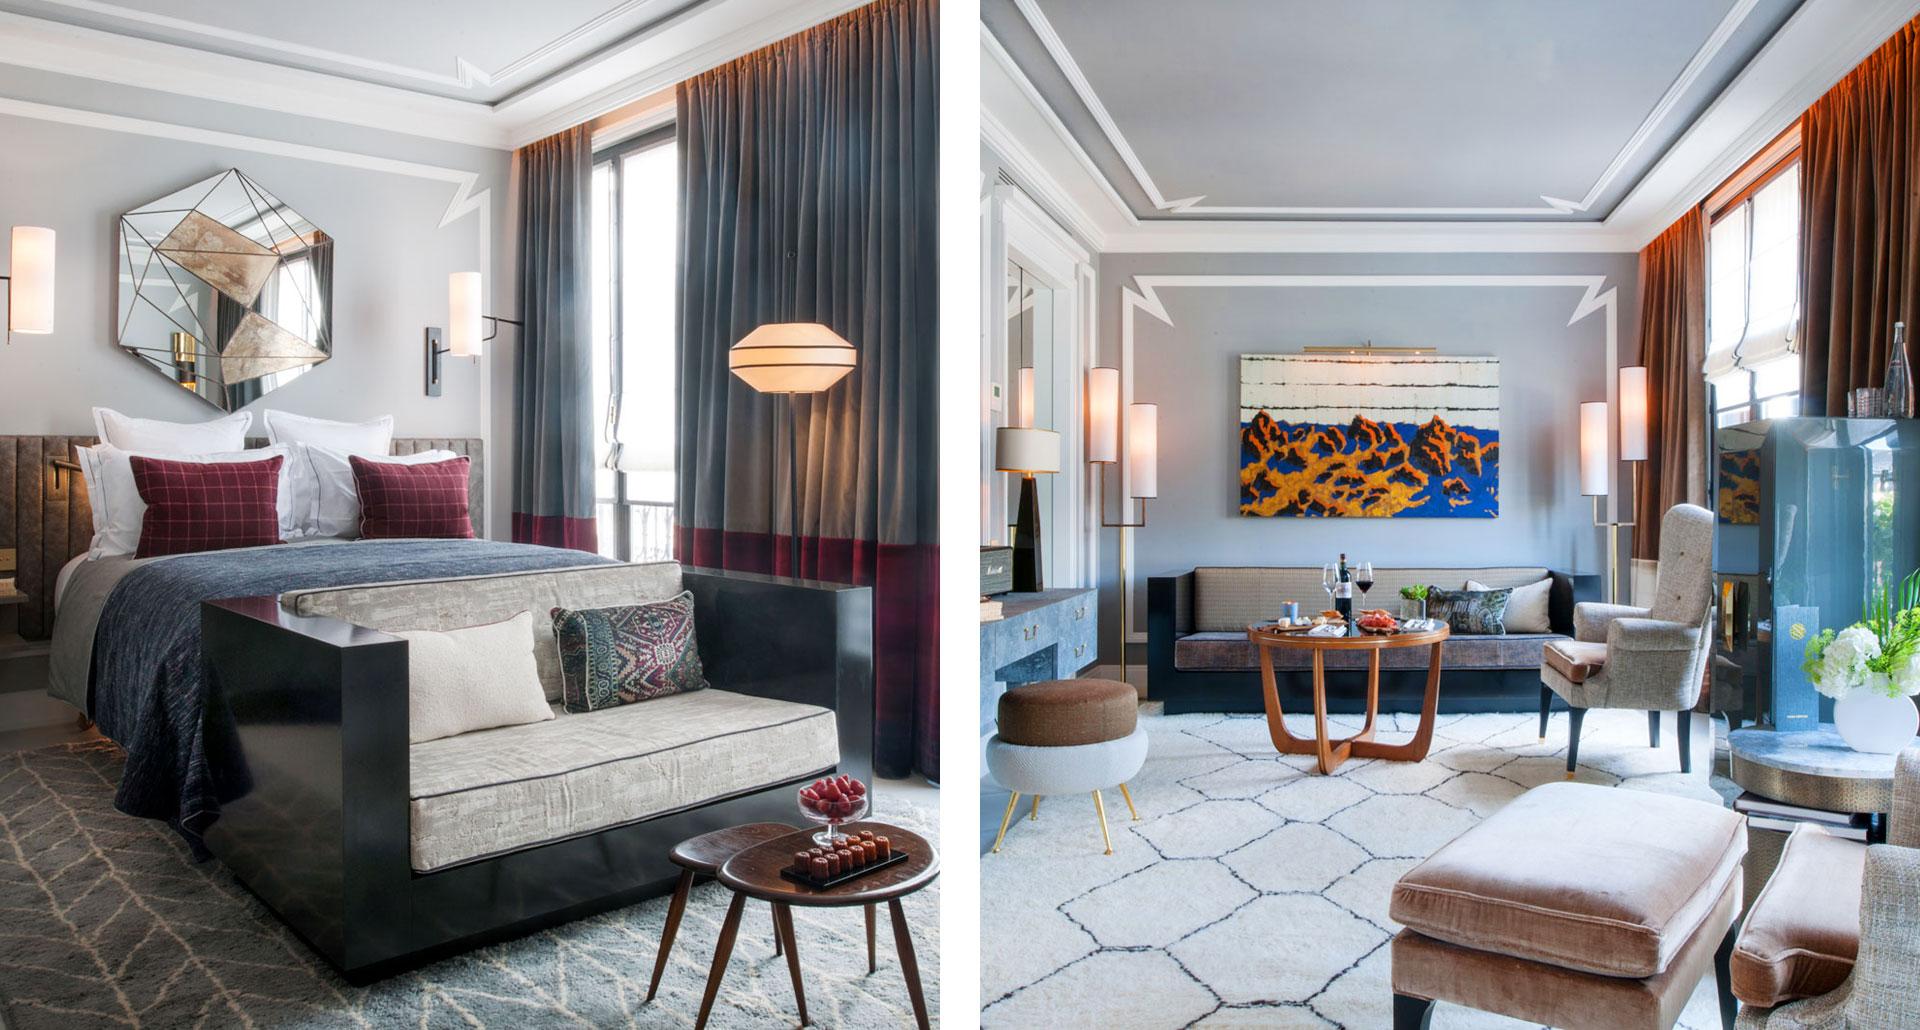 Nolinski Paris - boutique hotel in Paris